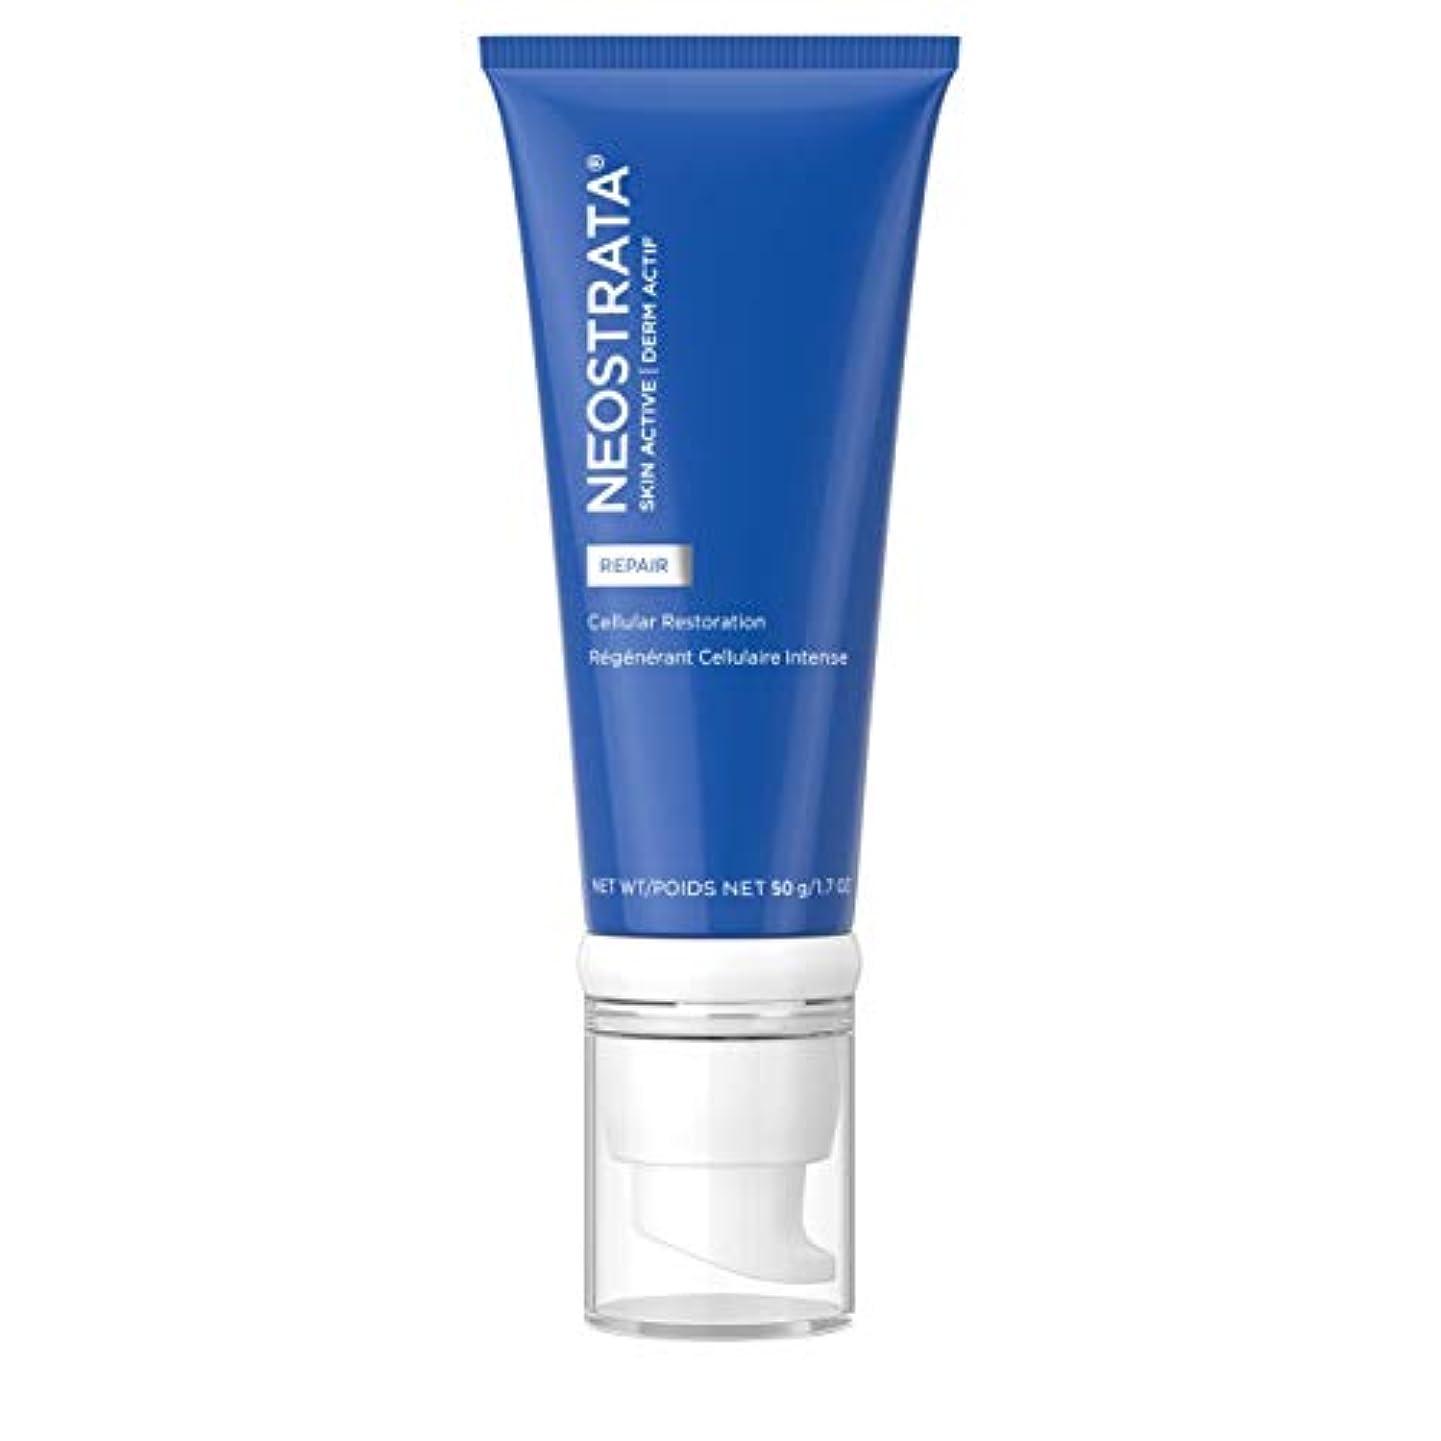 こする現れる複雑なネオストラータ Skin Active Derm Actif Repair - Cellular Restoration 50g/1.7oz並行輸入品